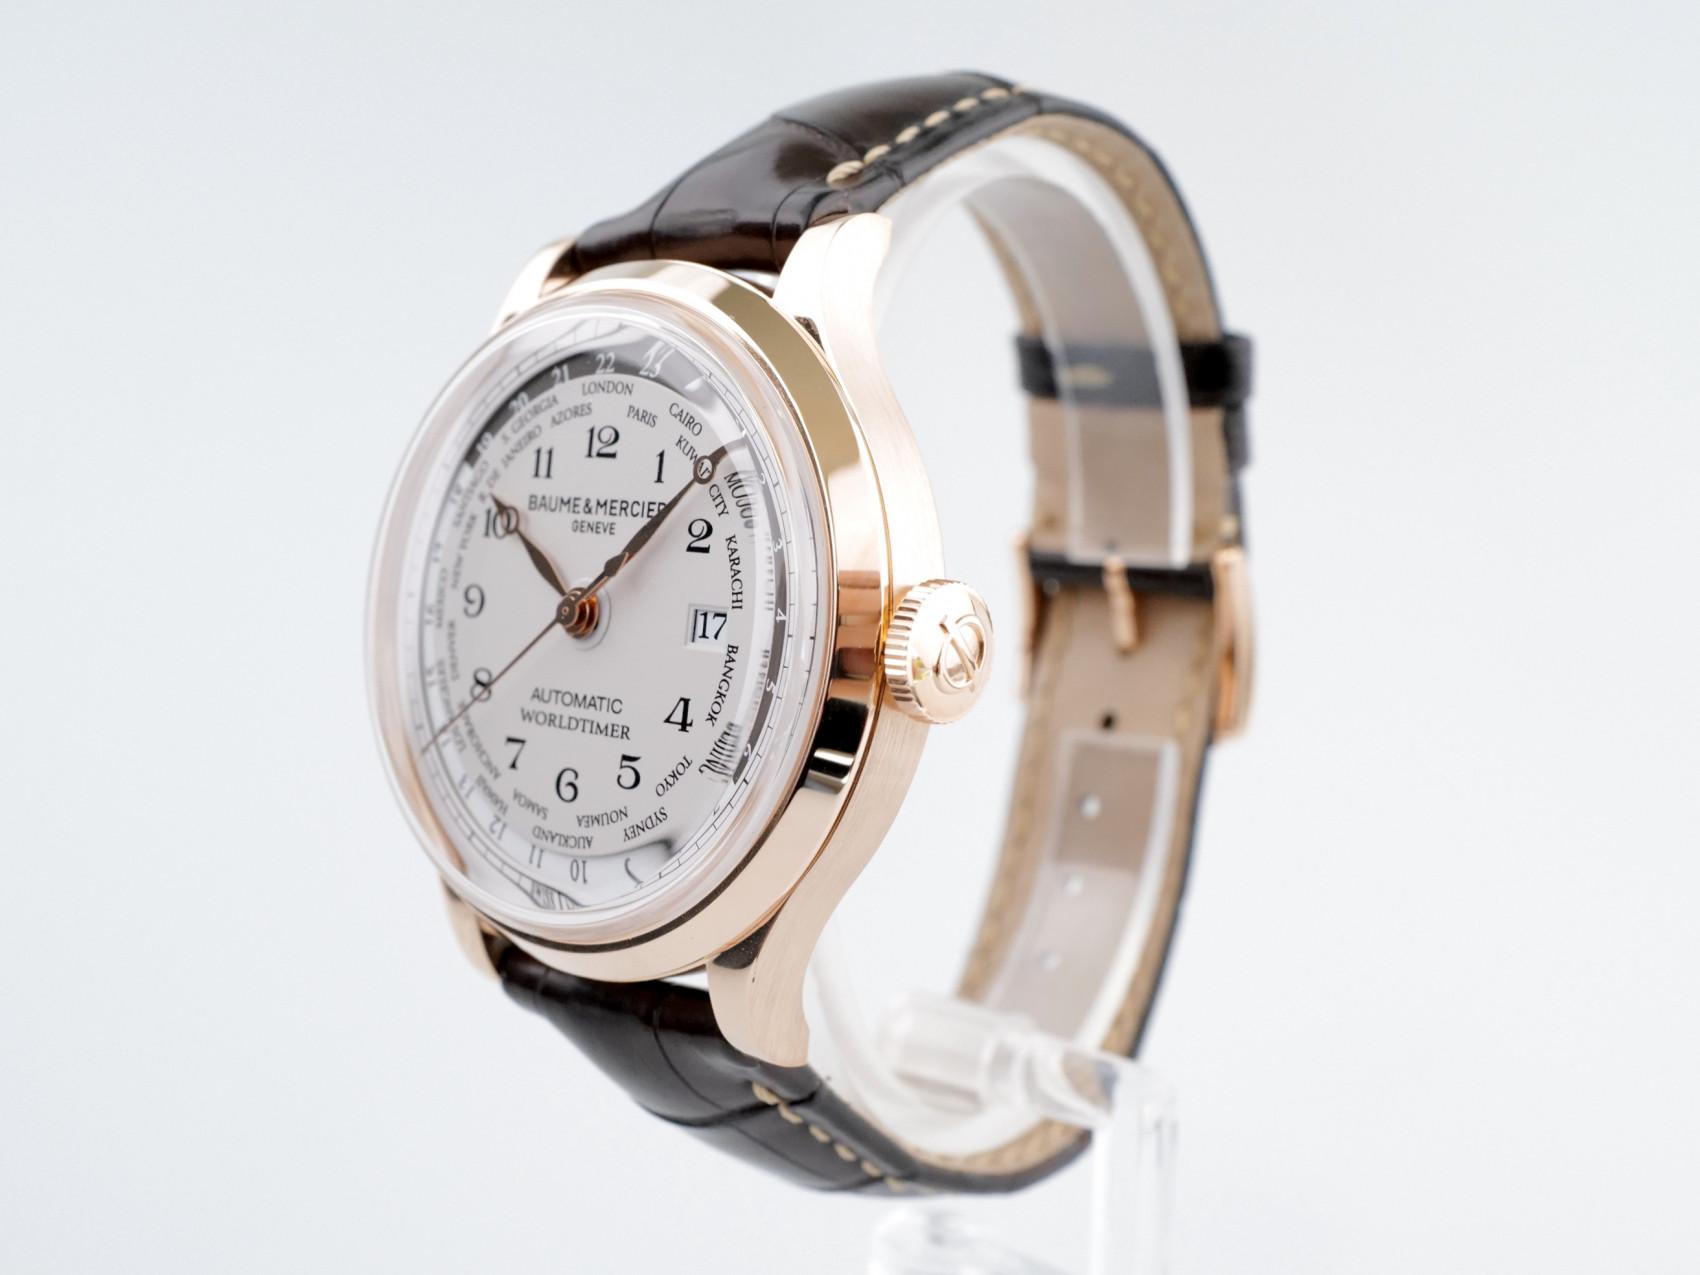 Скупка часов таймер ломбард сдать часы архангельск в